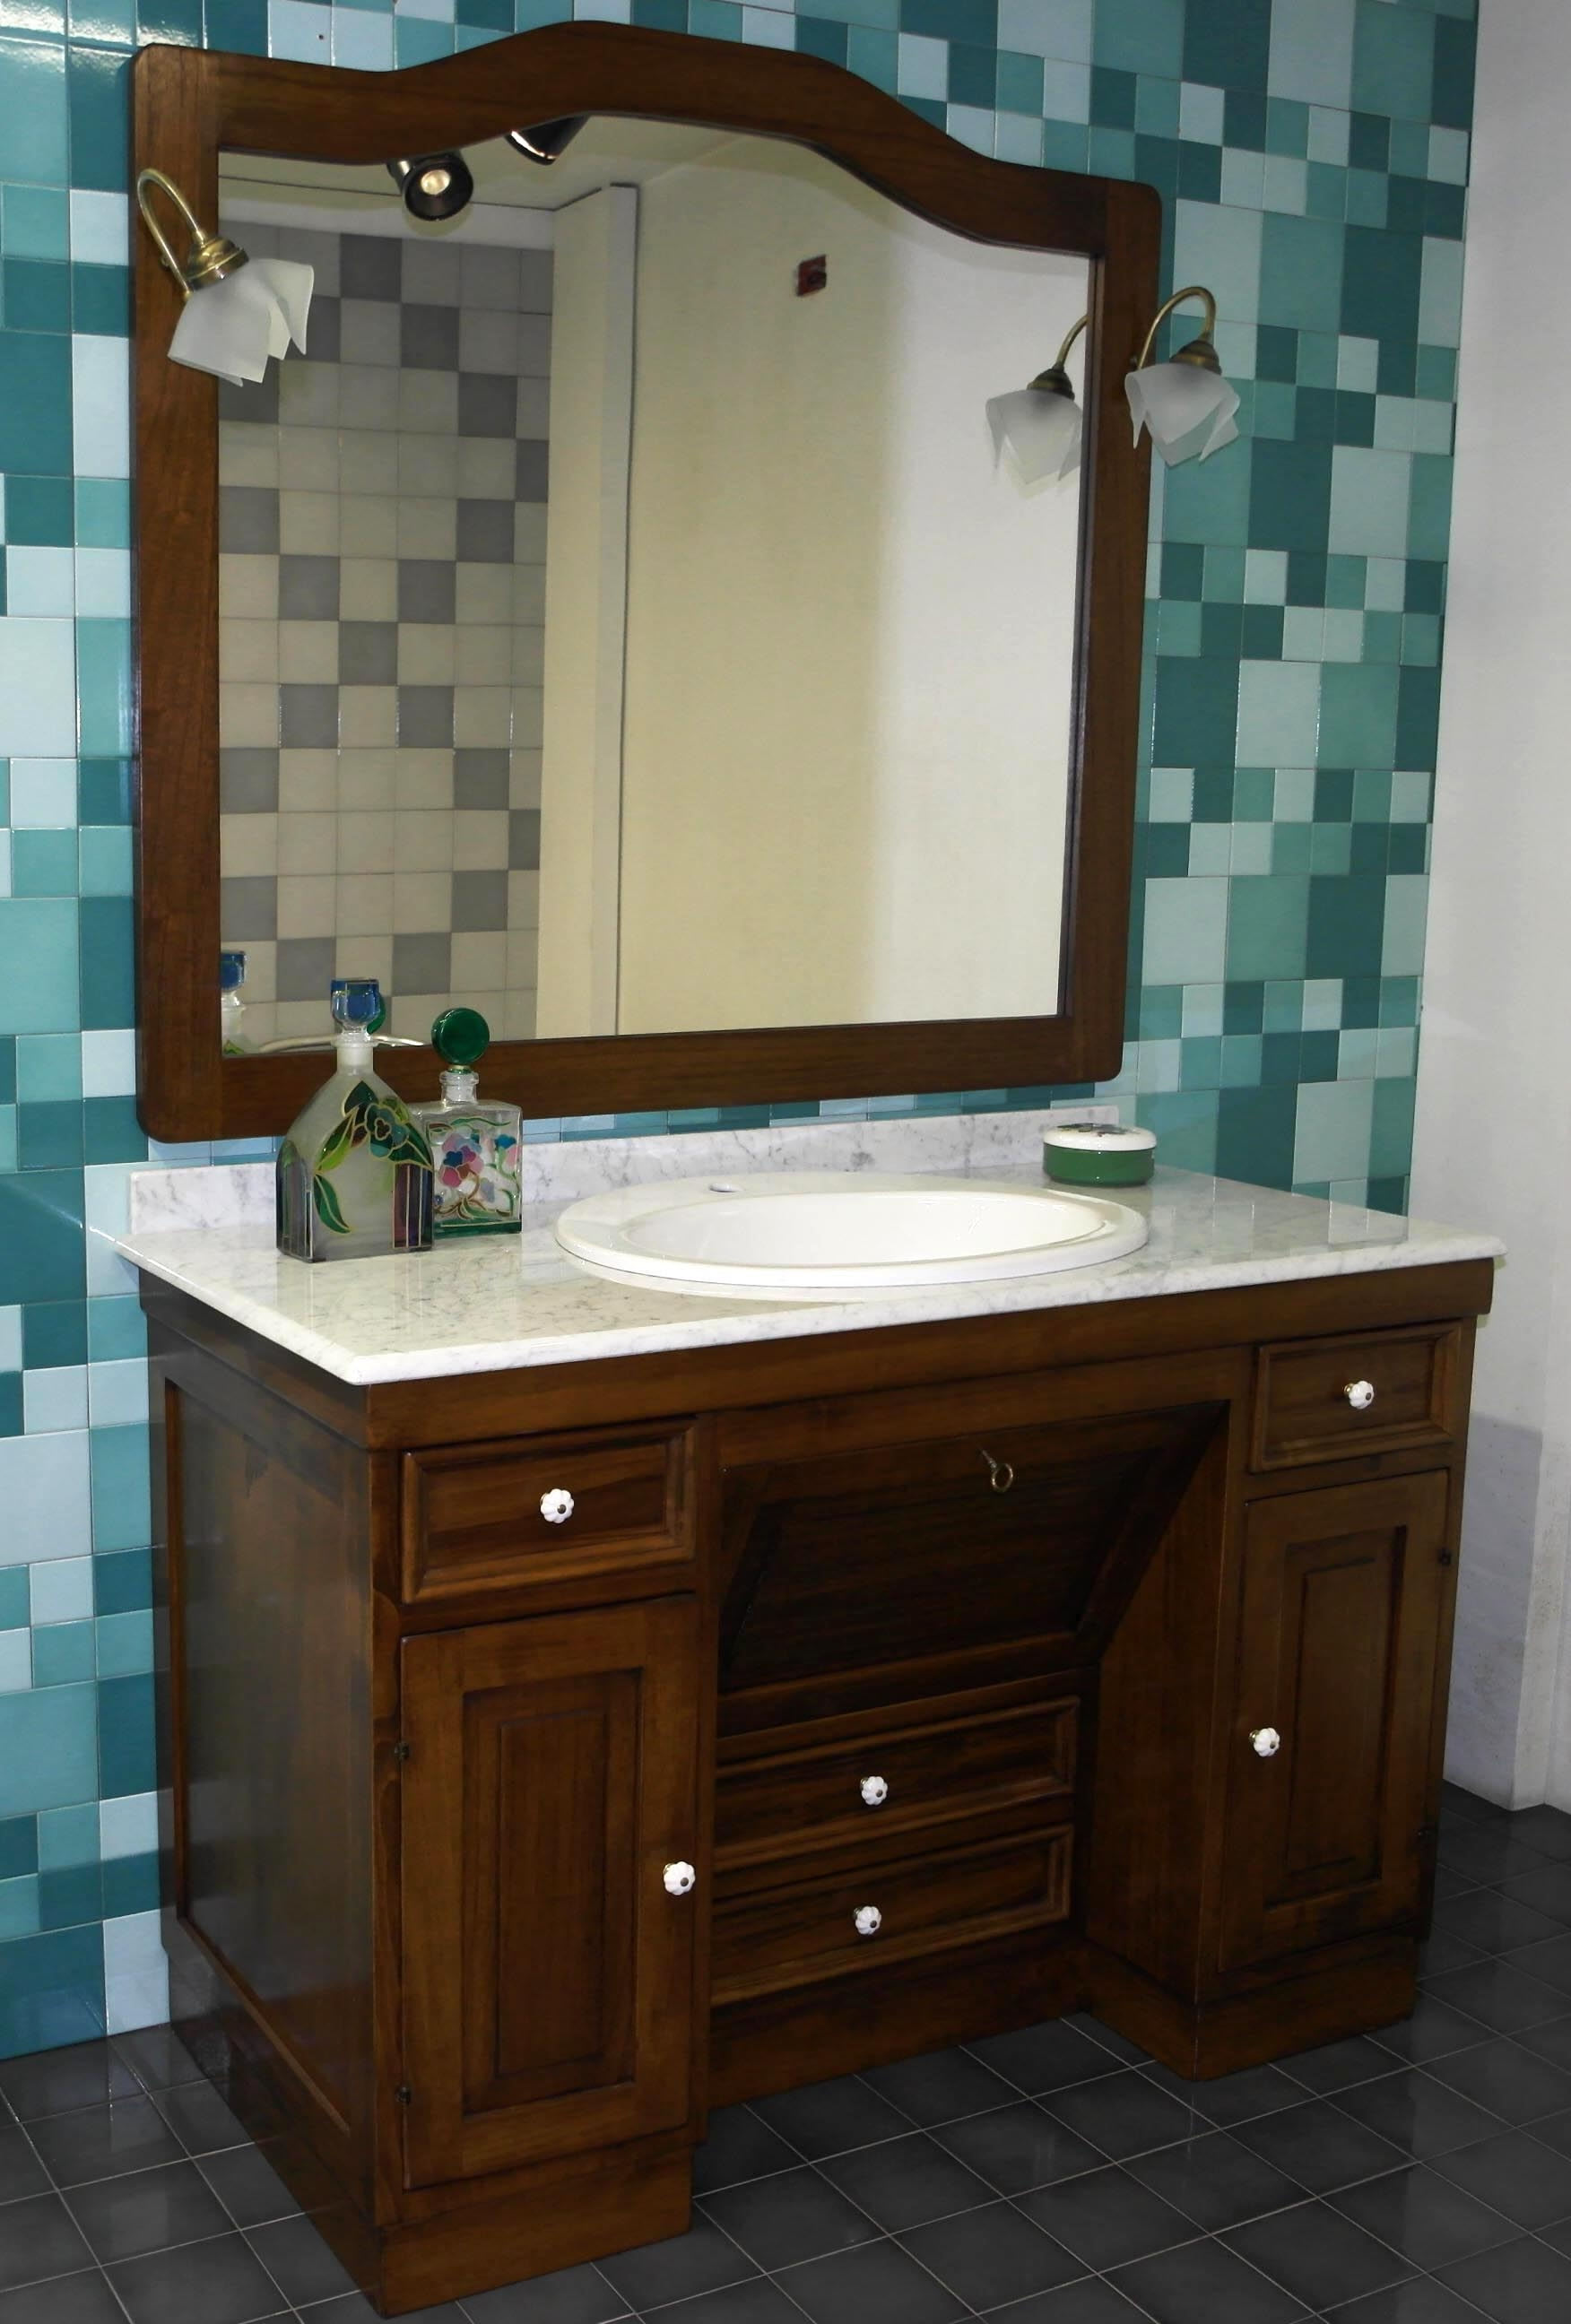 Bagno primula alberti scontato del 52 arredo bagno a for Outlet arredamento milano e provincia